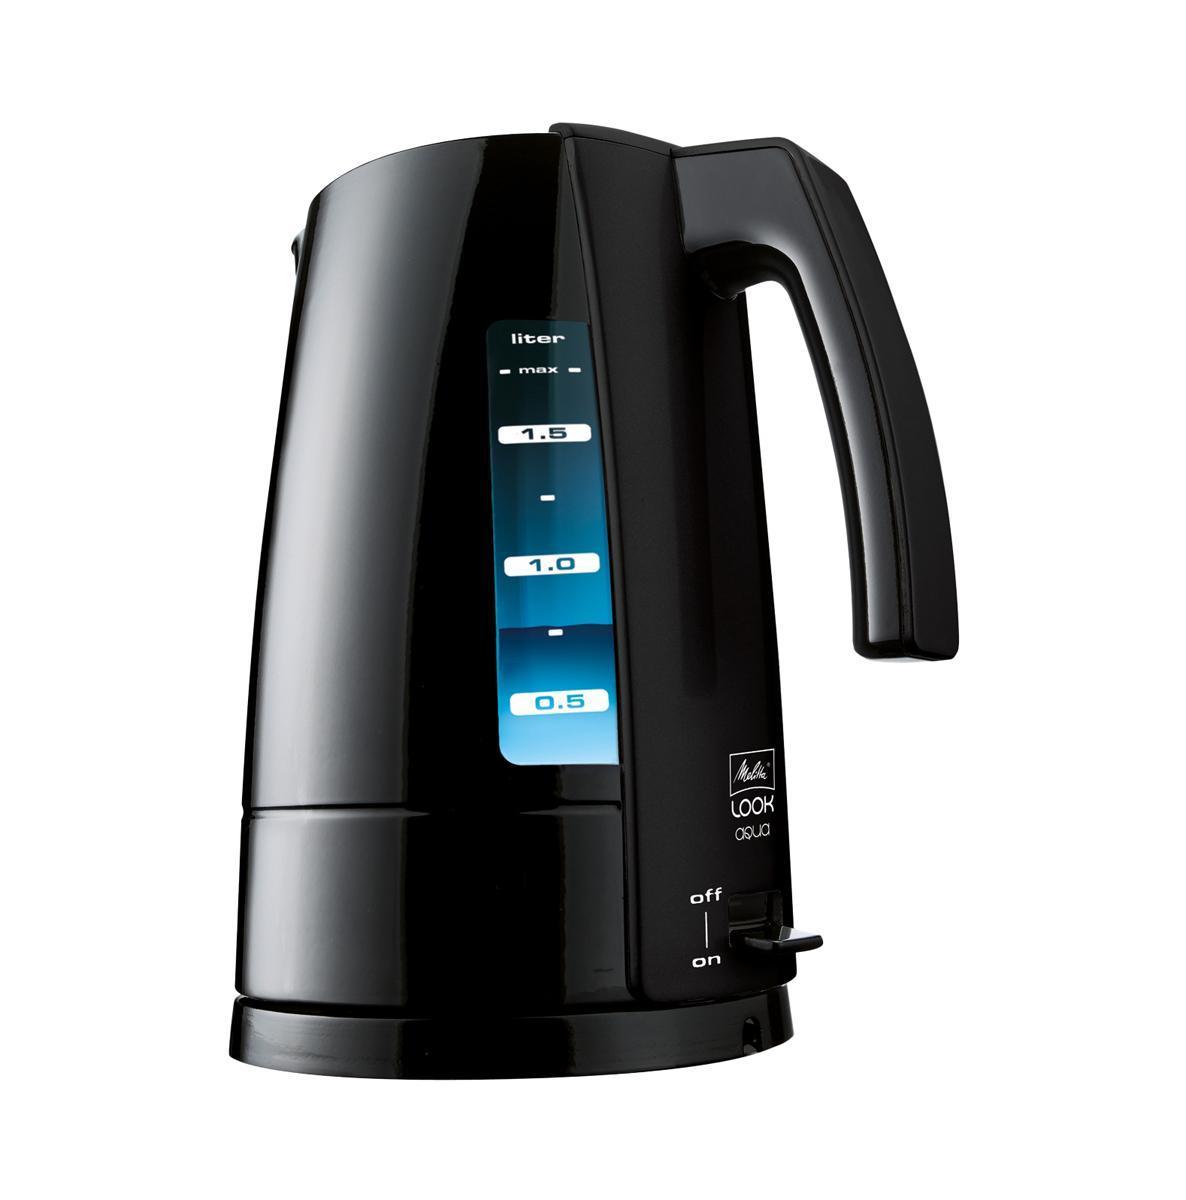 Melitta Look Aqua Basic, Black электрочайникLook Aqua Basic, BlackMelitta Look Aqua Basic - современный чайник для все й семьи. Включенная синяя подсветка чайника означает, что Look Aqua подогревает/кипятит воду для вашего чая. Подсветку воды видно с двух сторон чайника через шкалу мерных делений. Чайник Melitta Look Aqua Basic оригинальная и стильная модель, незаменима на любой кухне.